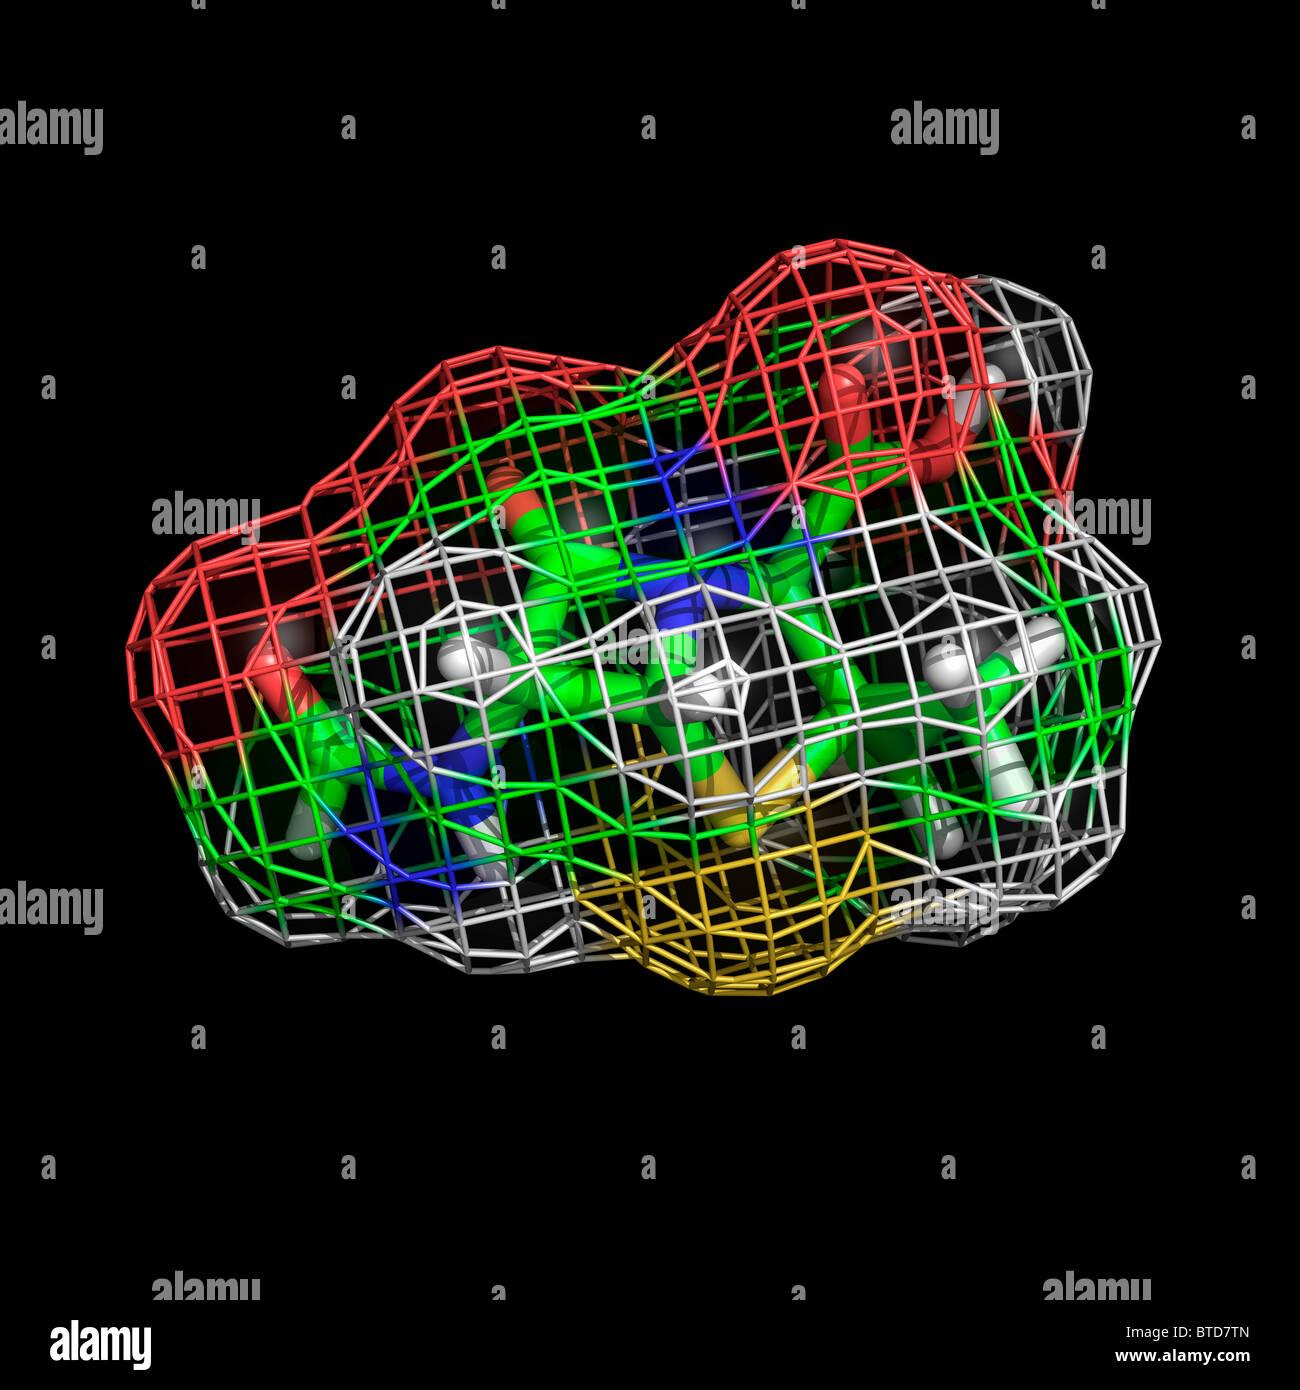 Penicillin molecule - Stock Image